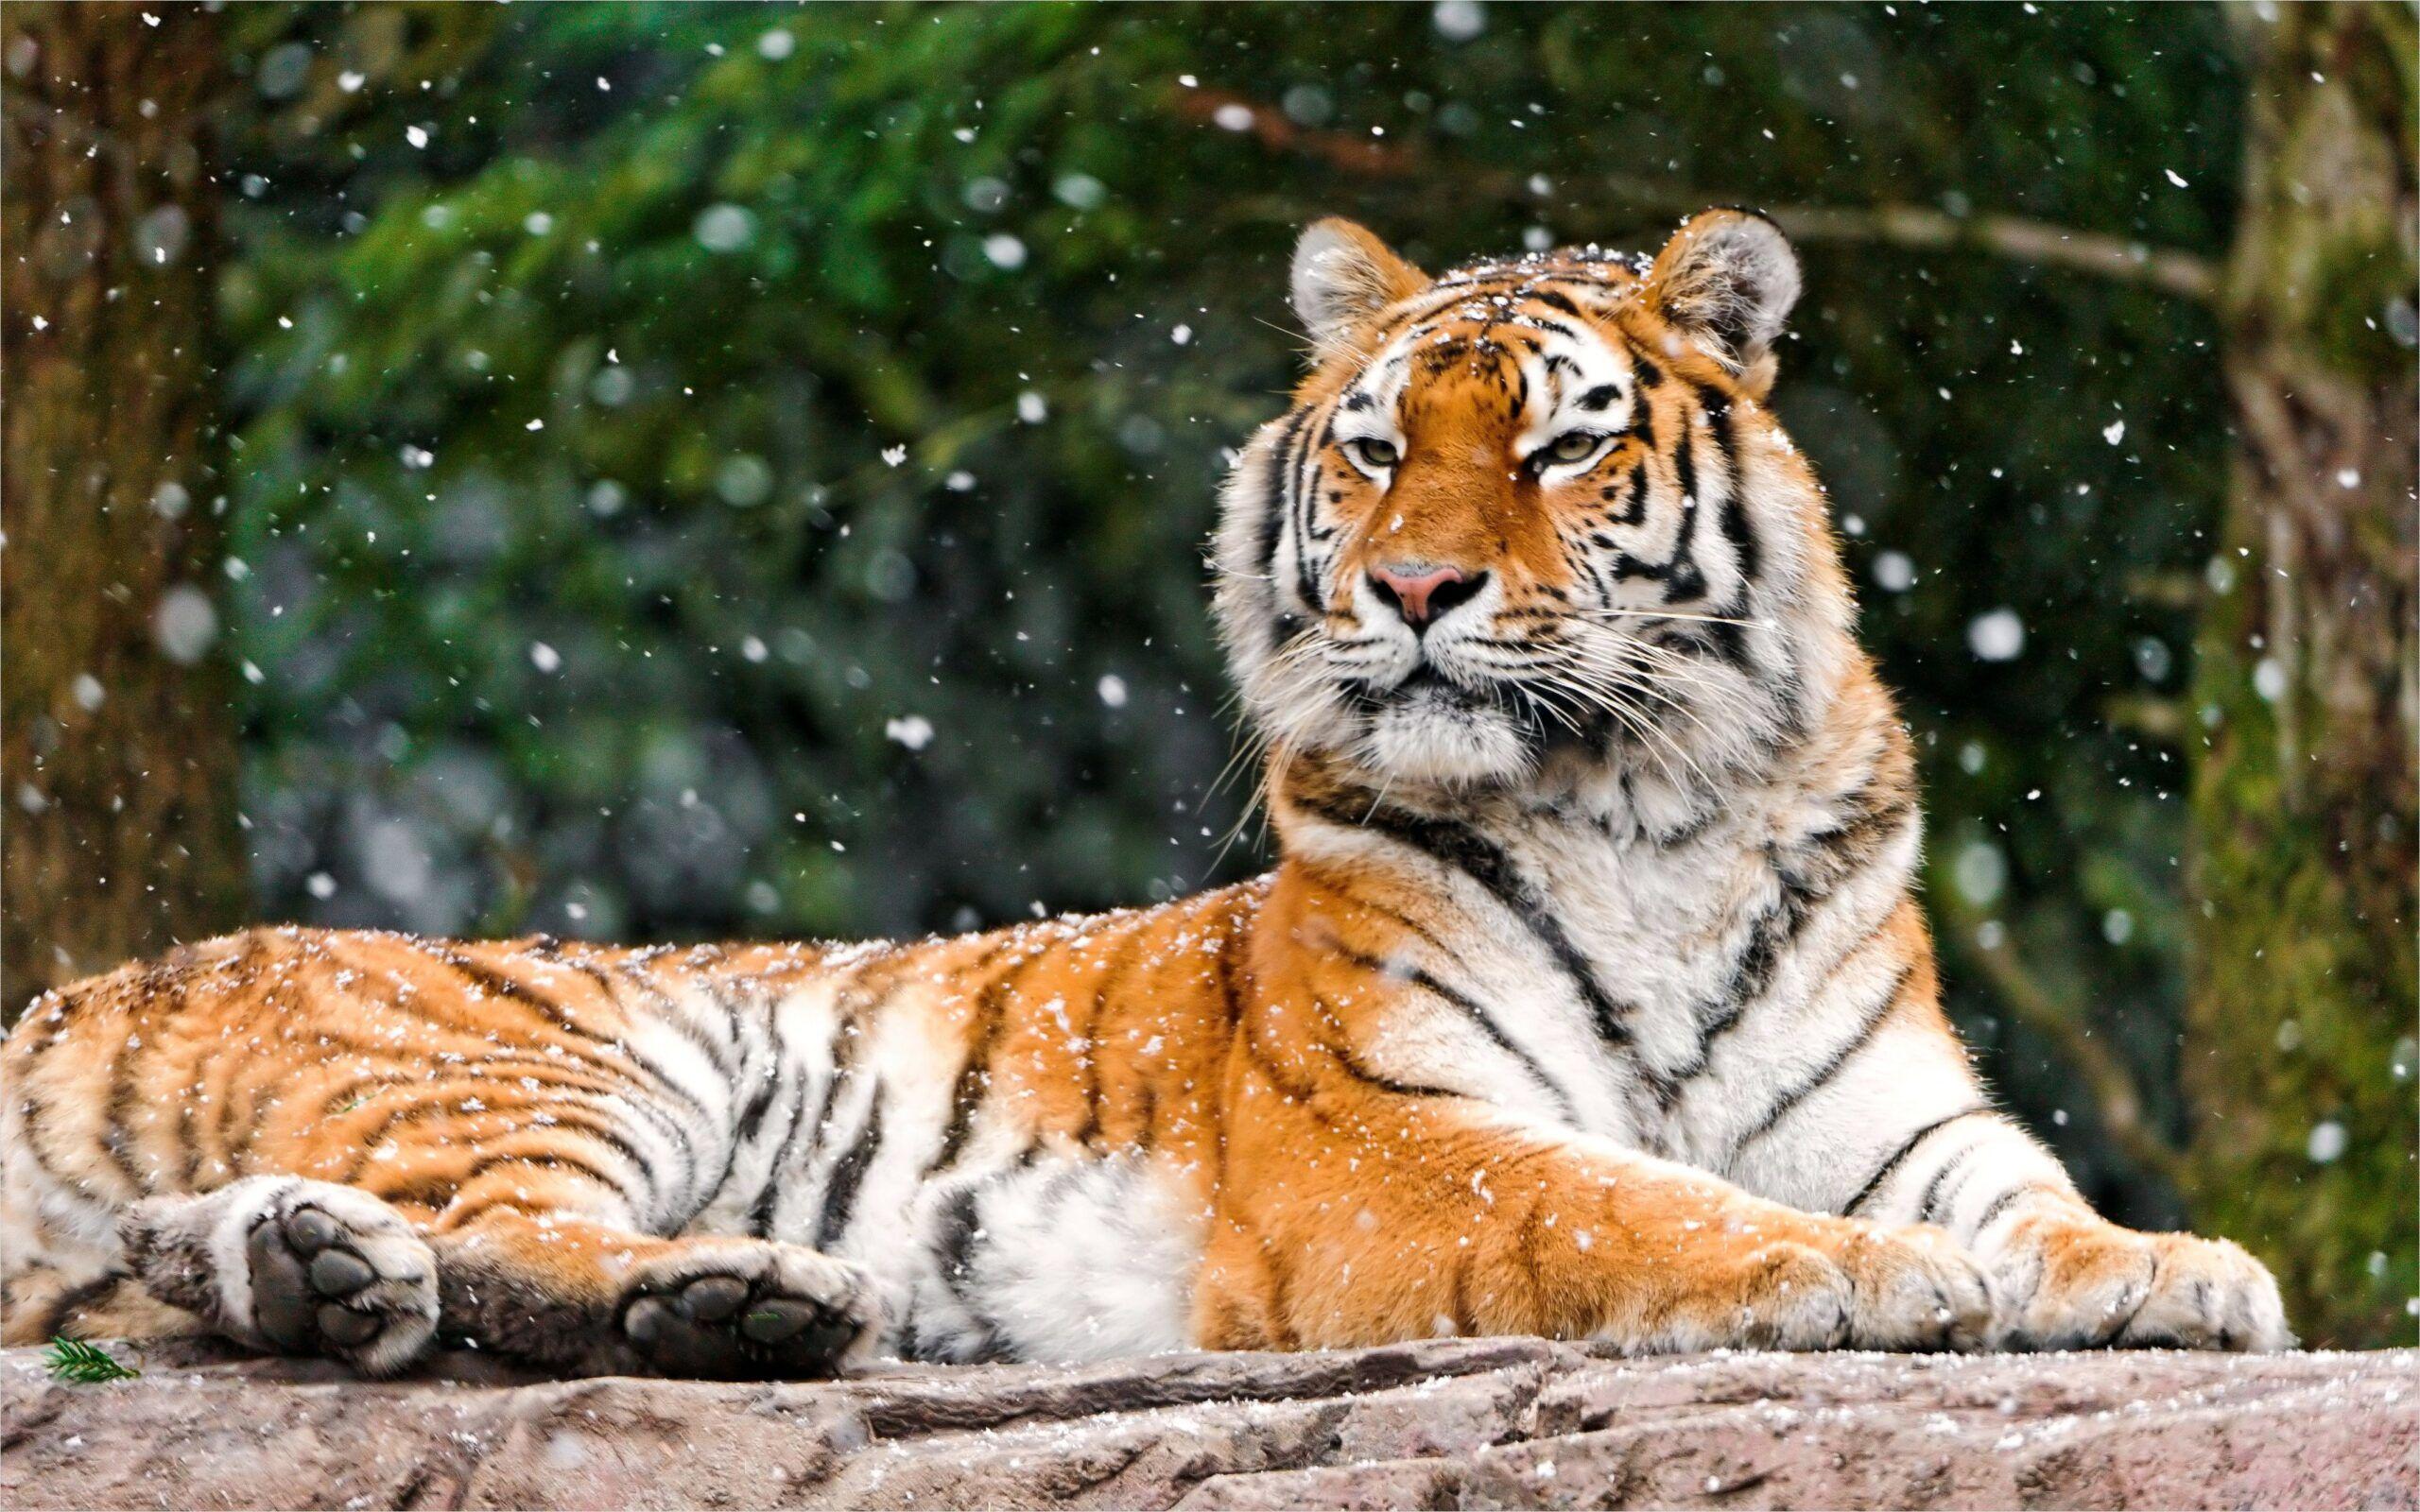 4k Siberian Tiger Wallpaper In 2020 Tiger Wallpaper Siberian